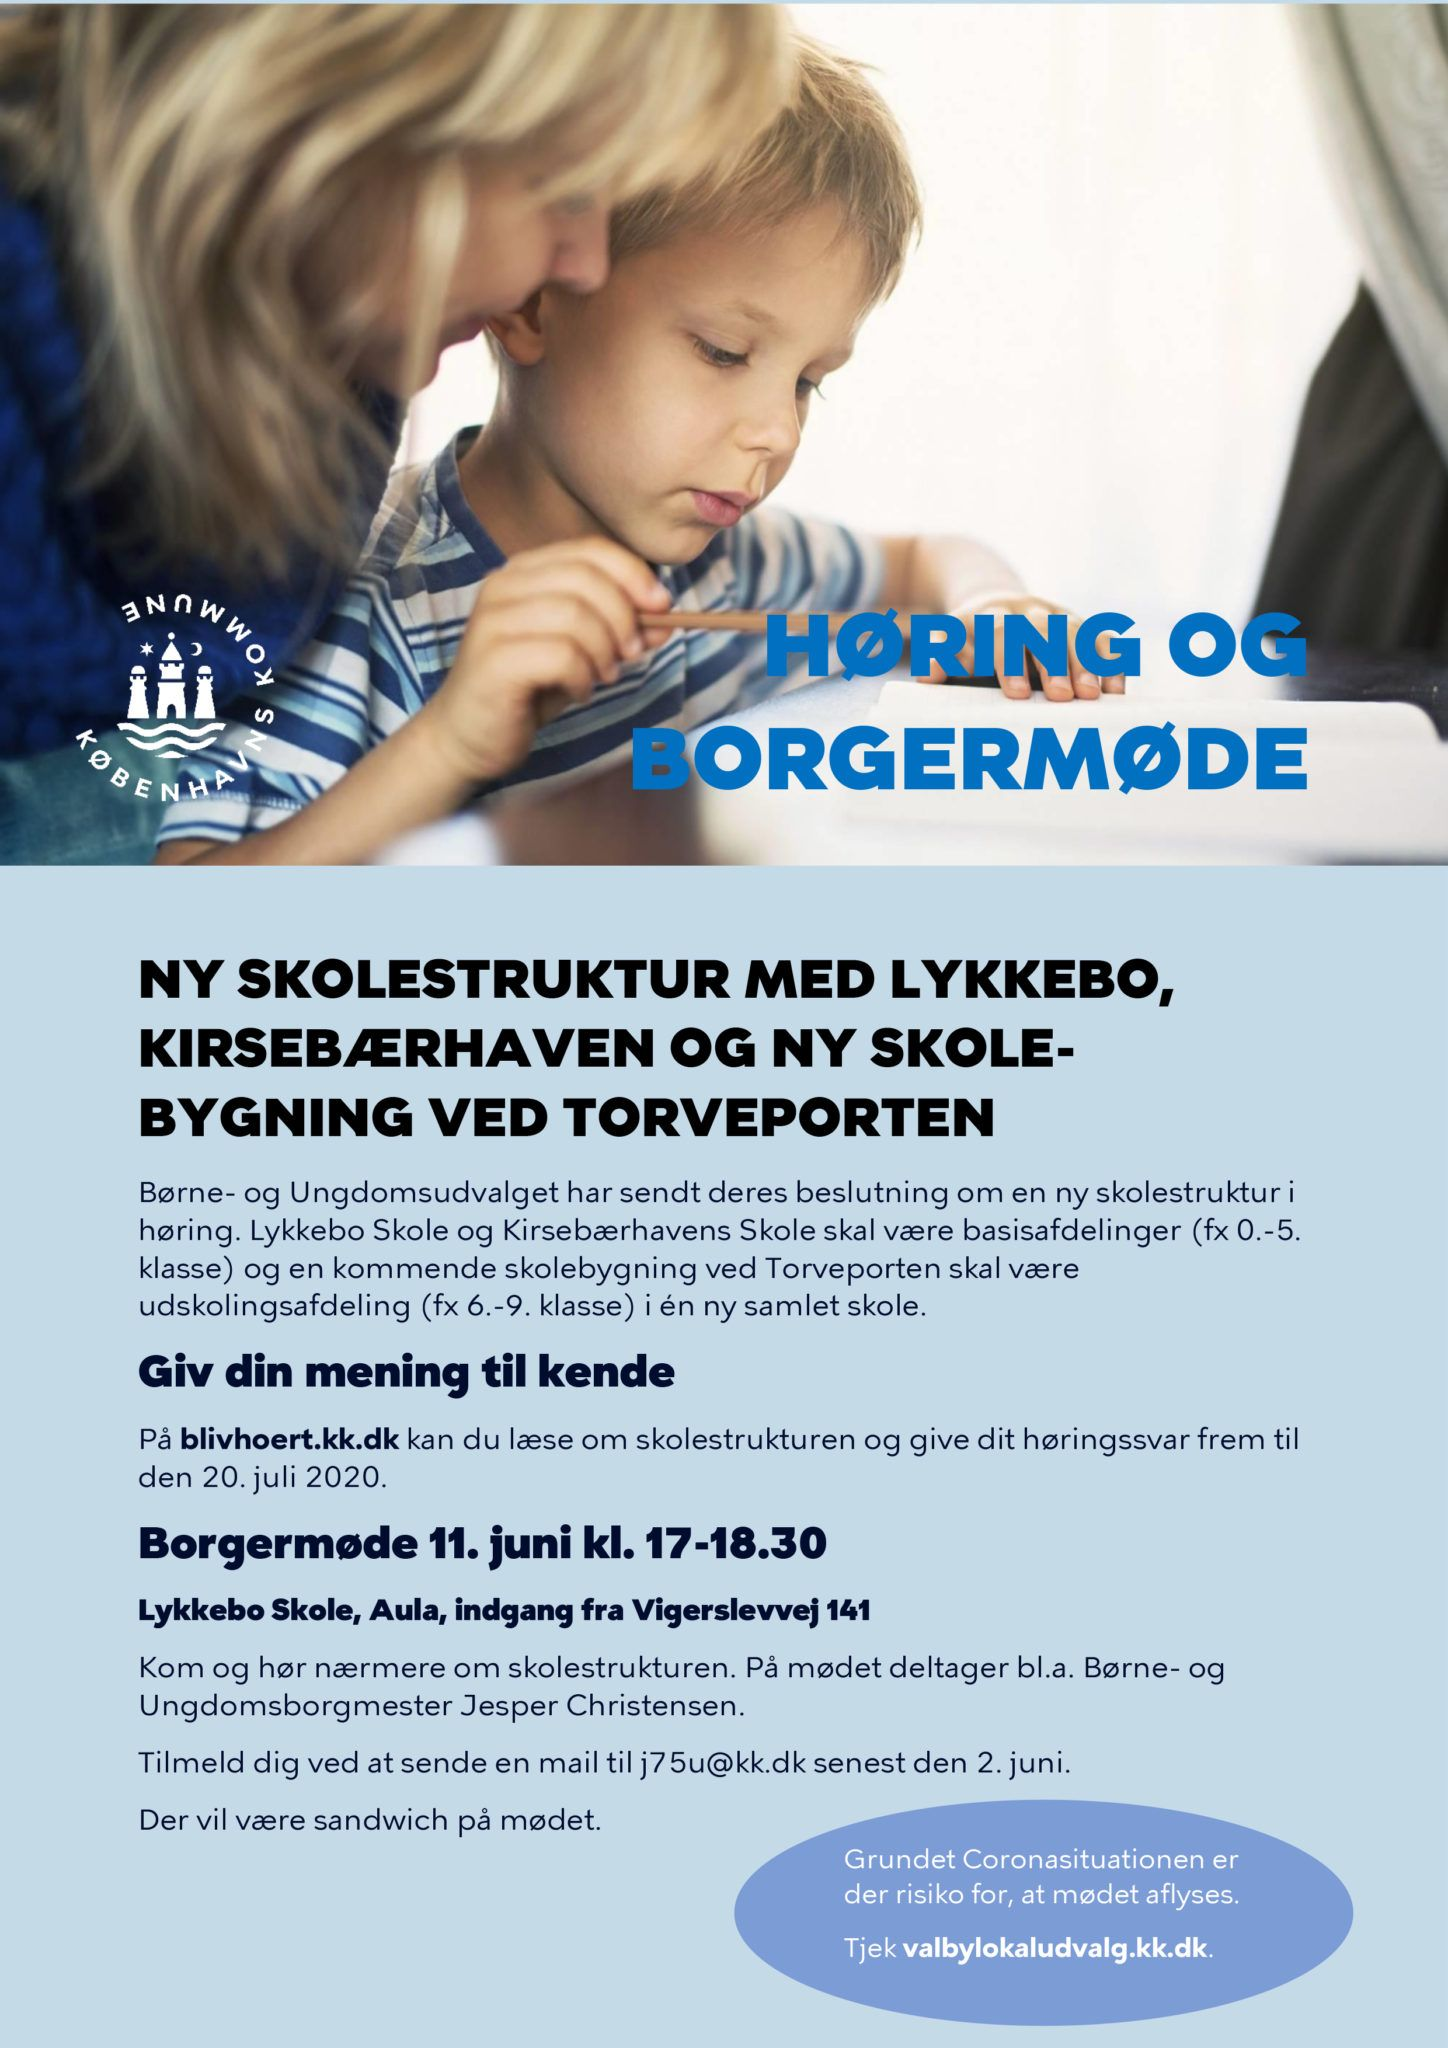 Opslag - høring og borgemøde ny skolestruktur i Valby